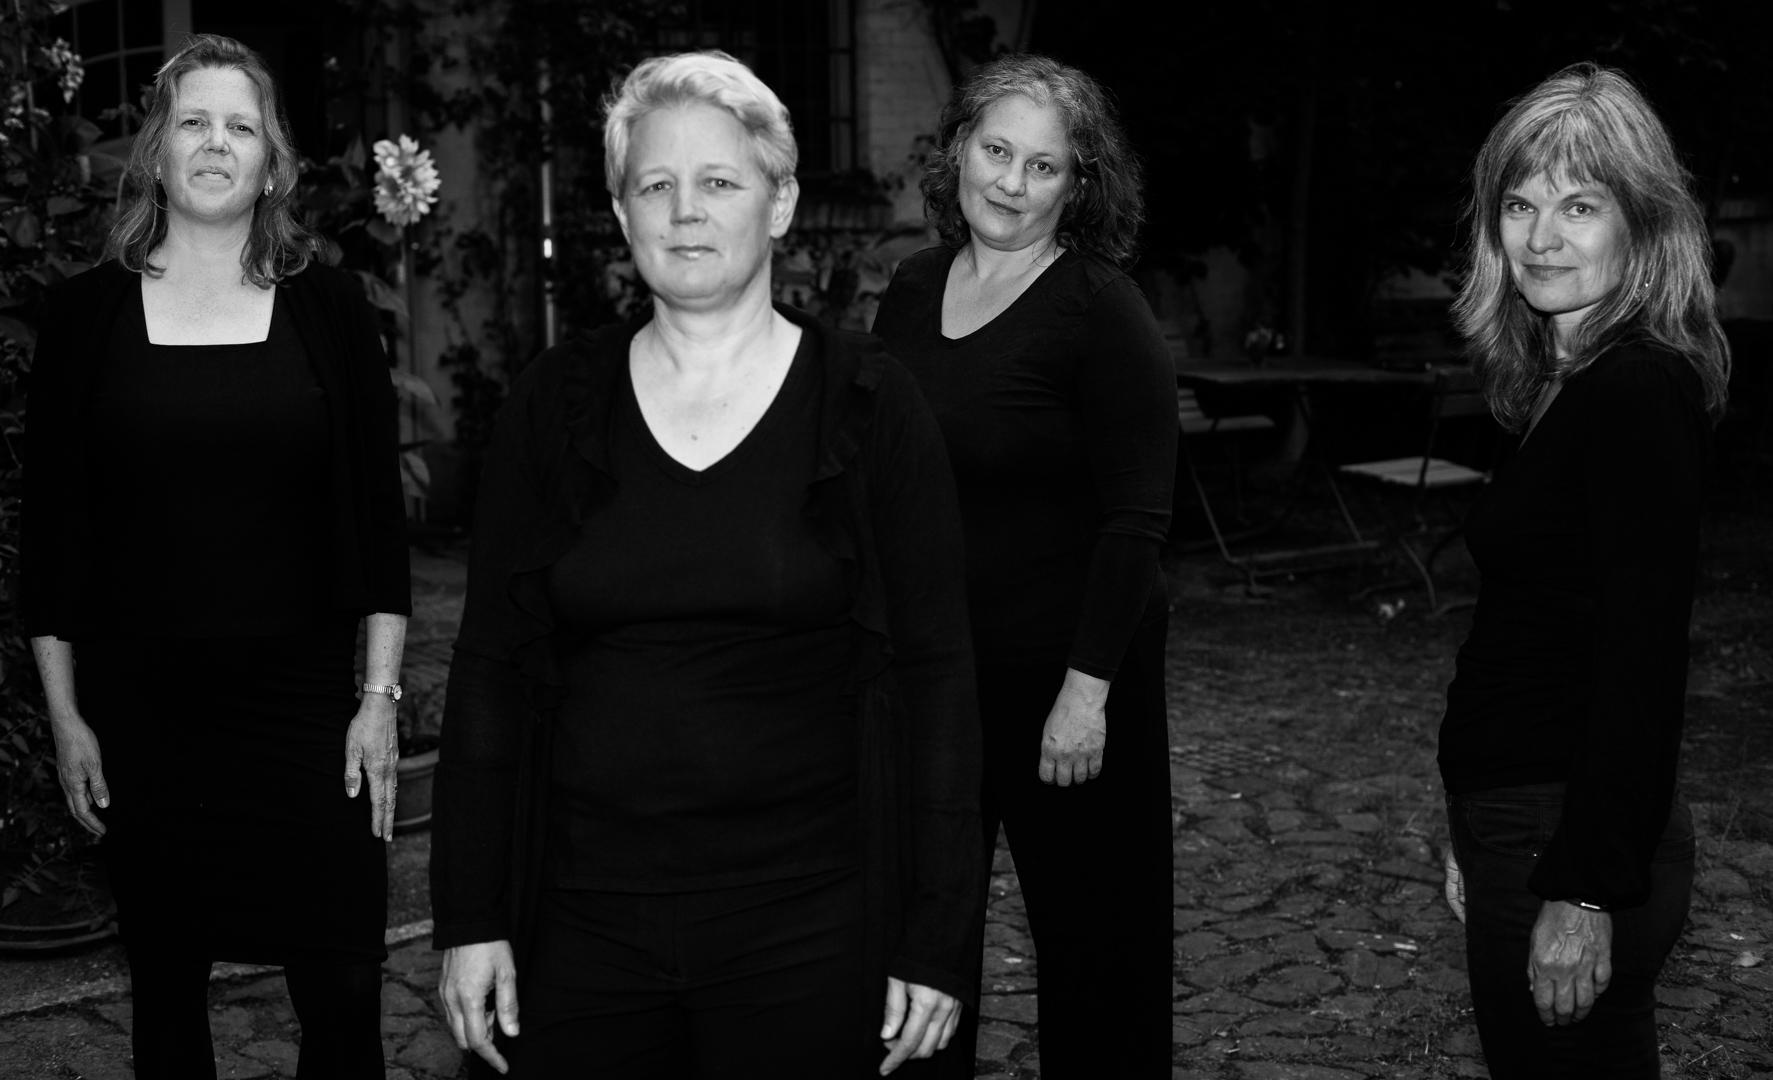 Bild vom Ensemble in Schwarz/Weiß